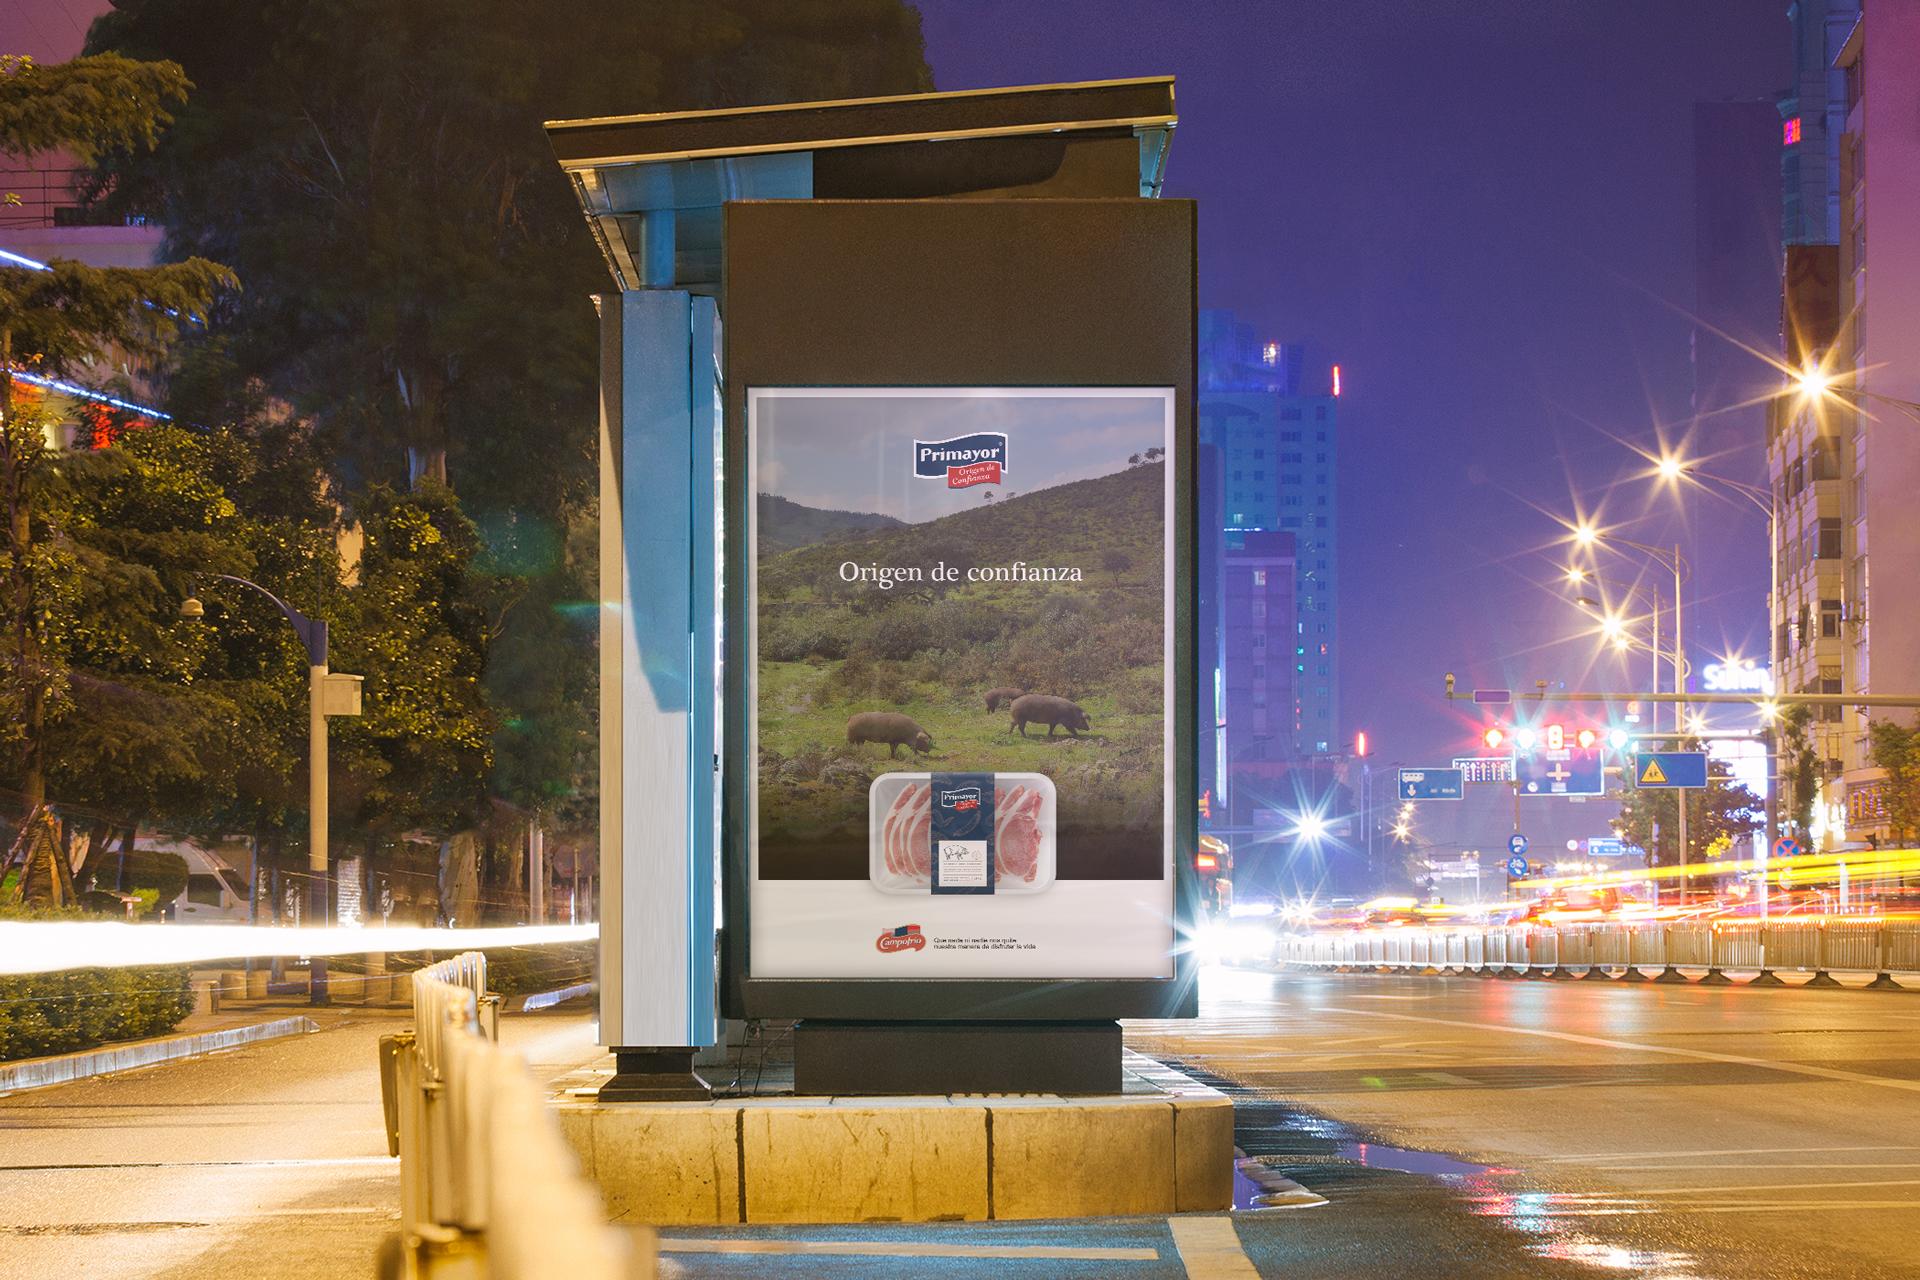 Campaña de Branding para Campofrio - Primayor - Parnaso